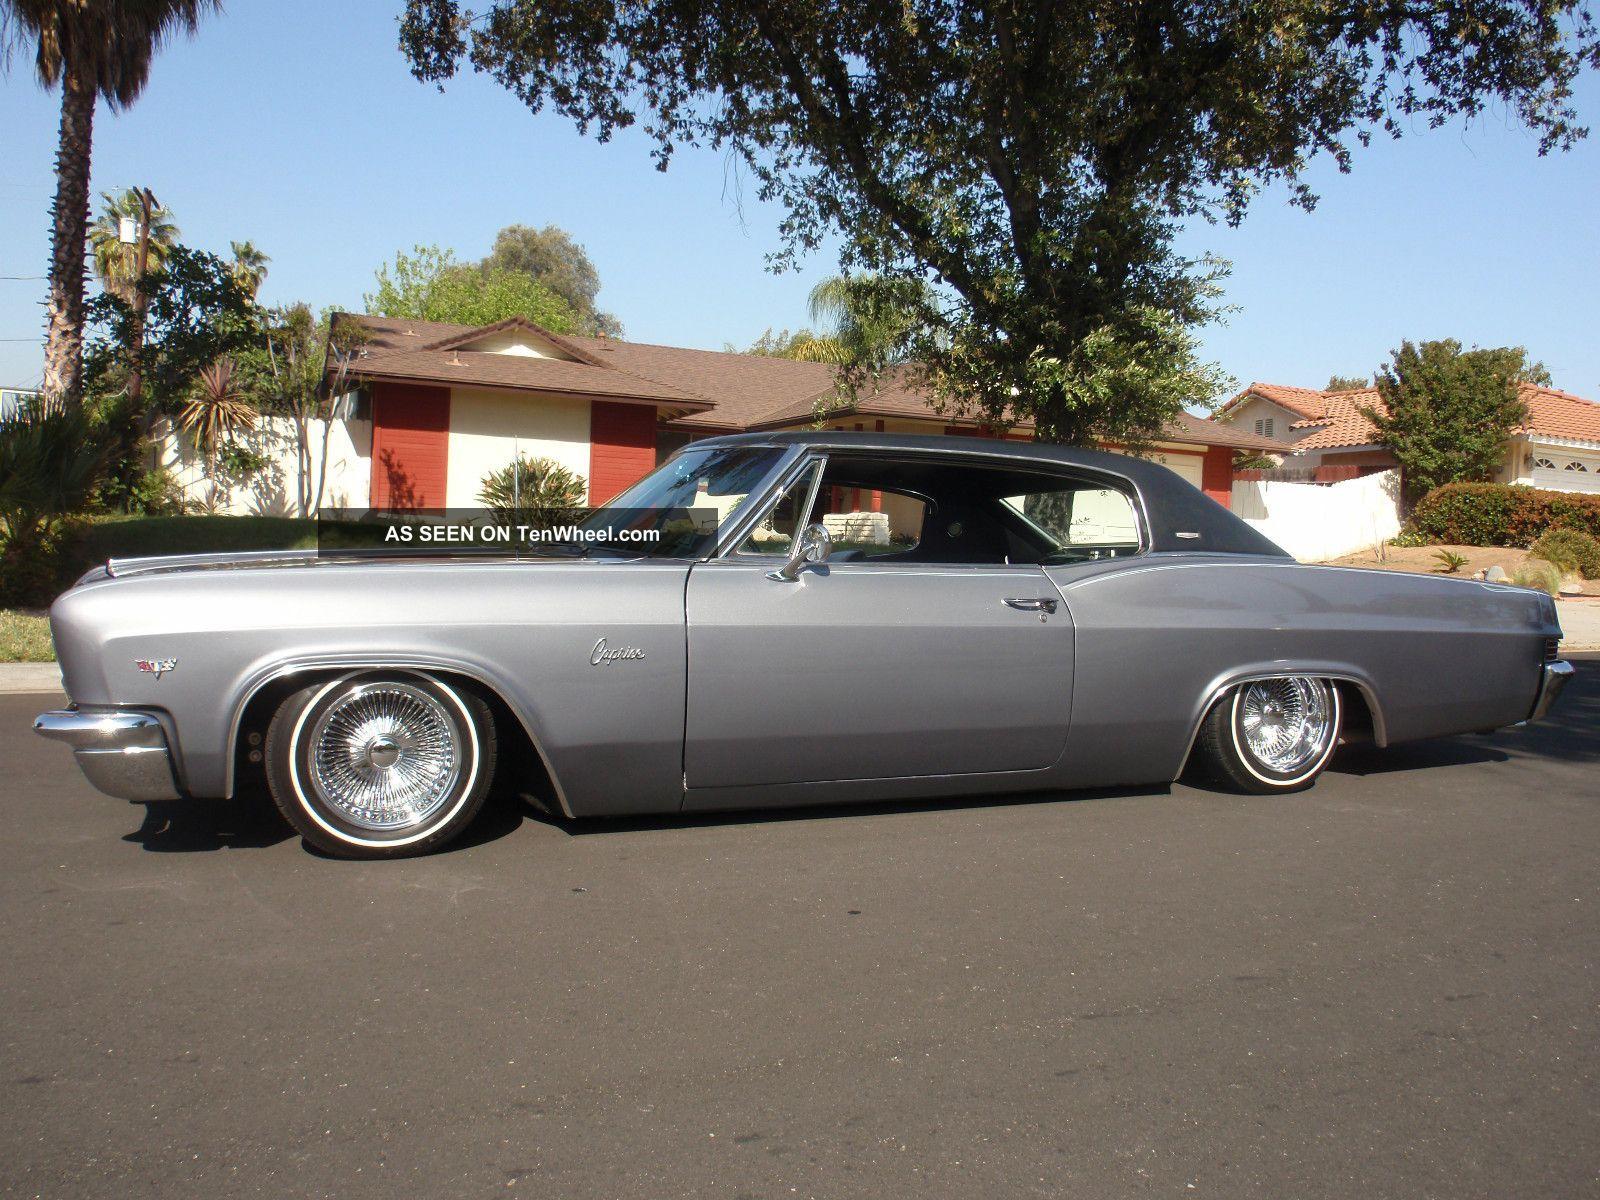 1966 Chevrolet Bel Air - newhairstylesformen2014.com